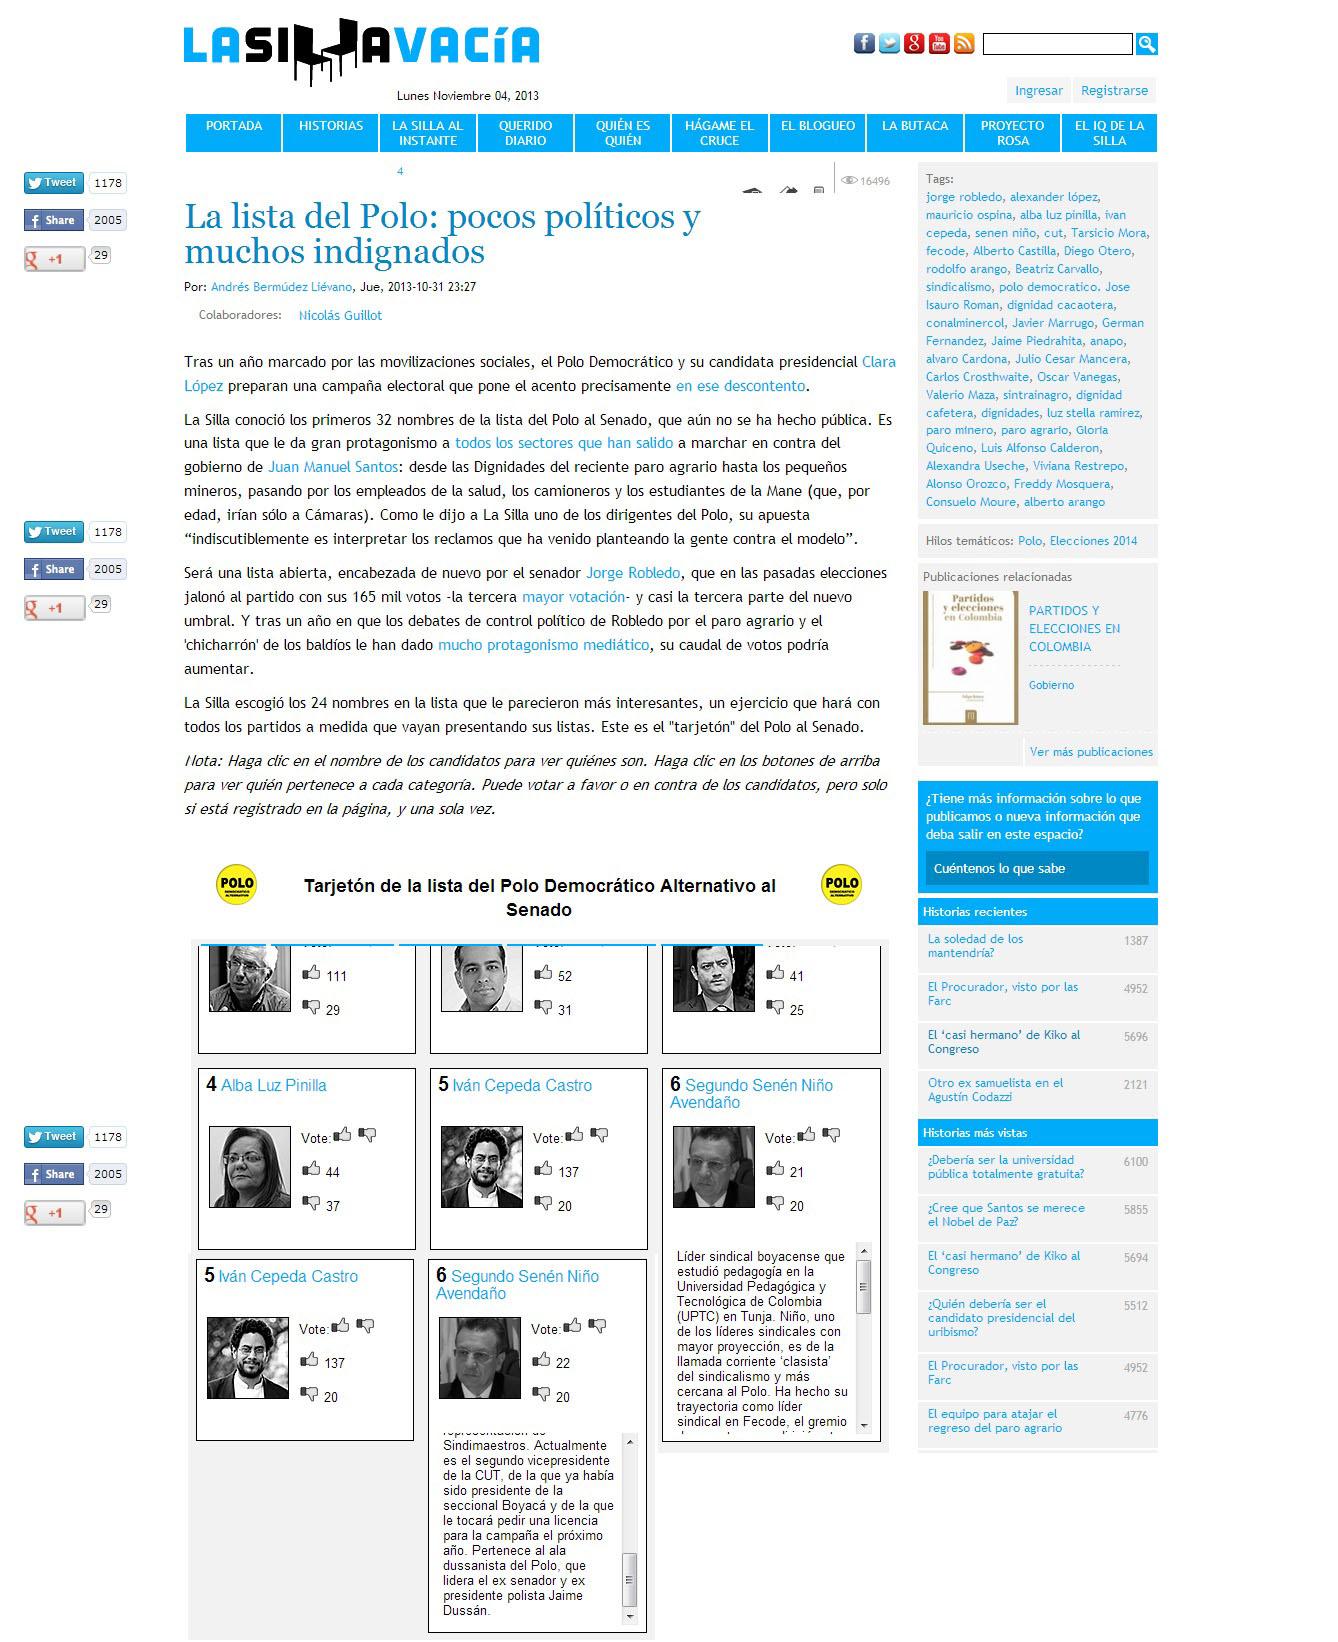 LA SILLA VACIA 4 de nov. 2013